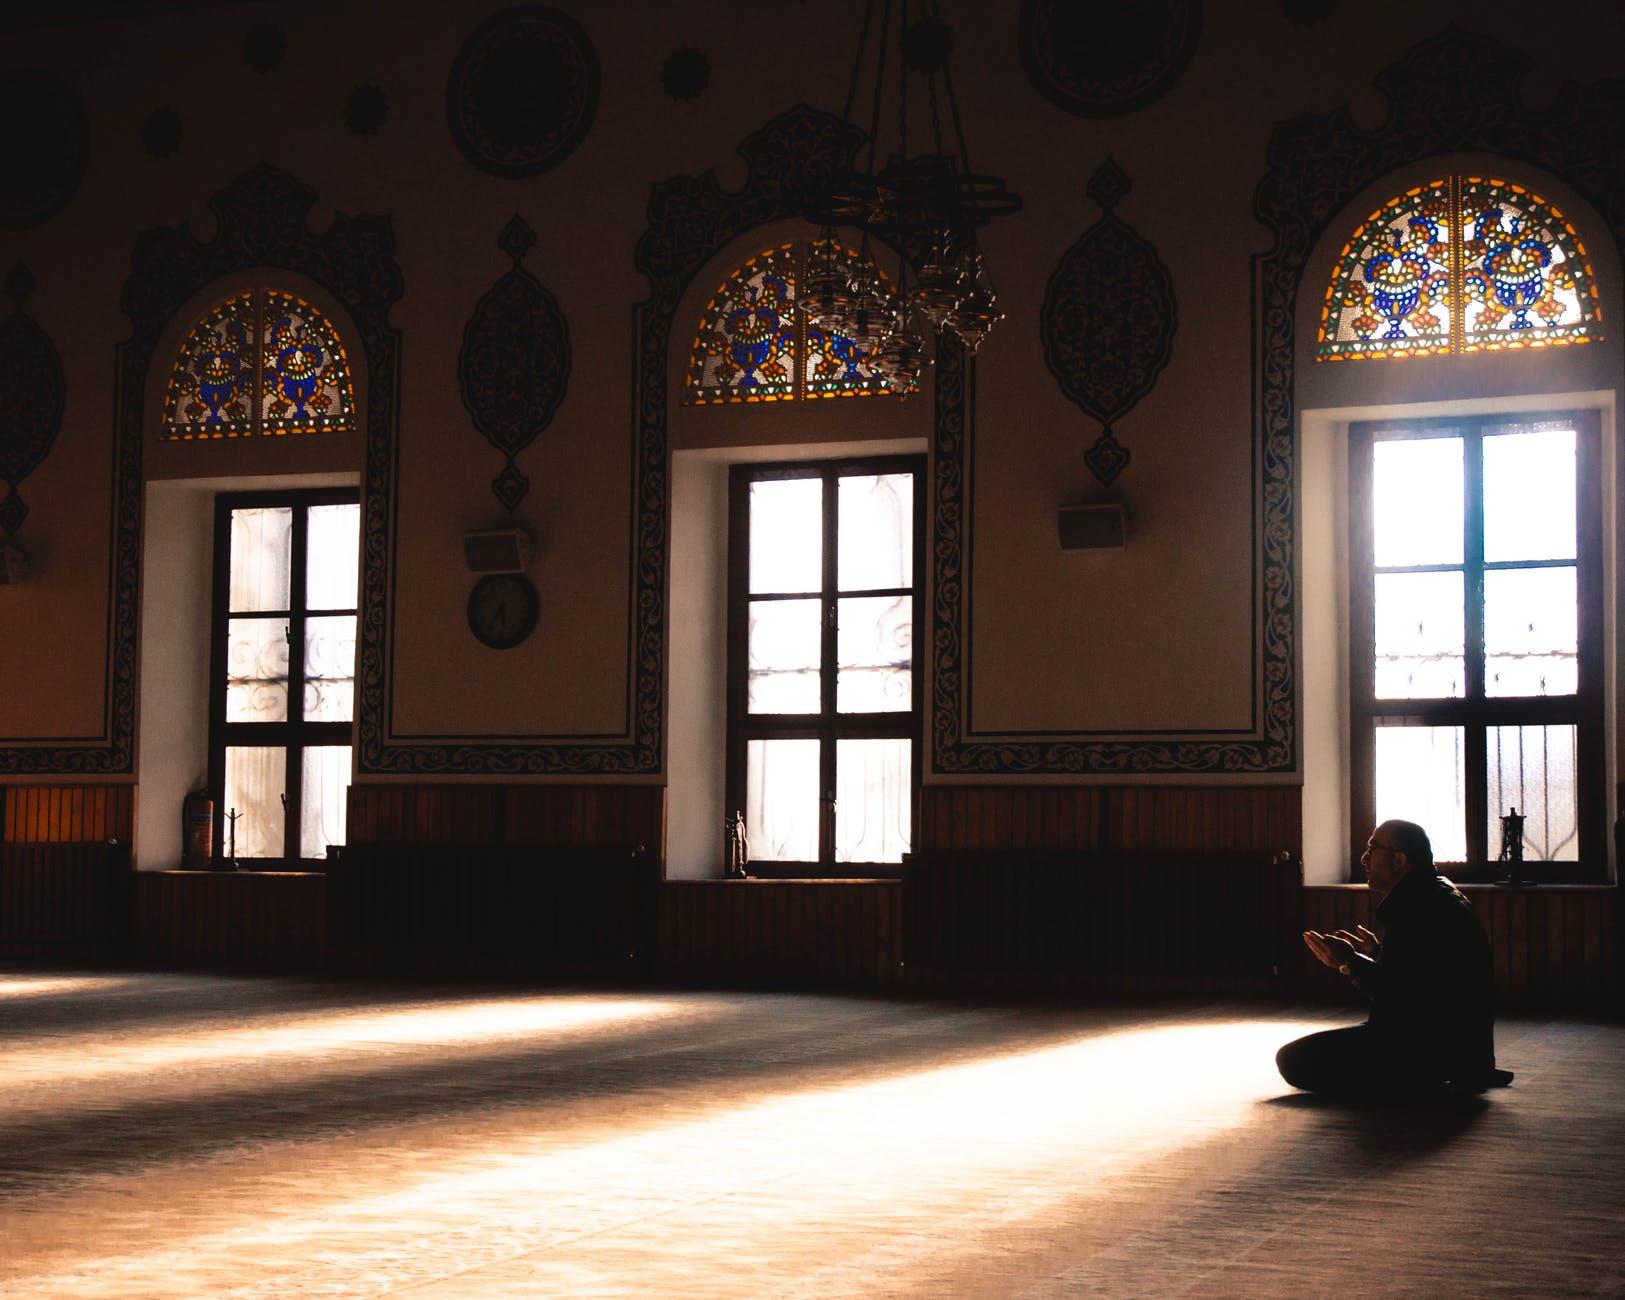 Catat! Ini Deretan Ibadah dan Amalan Penting 10 Hari Terakhir Ramadan